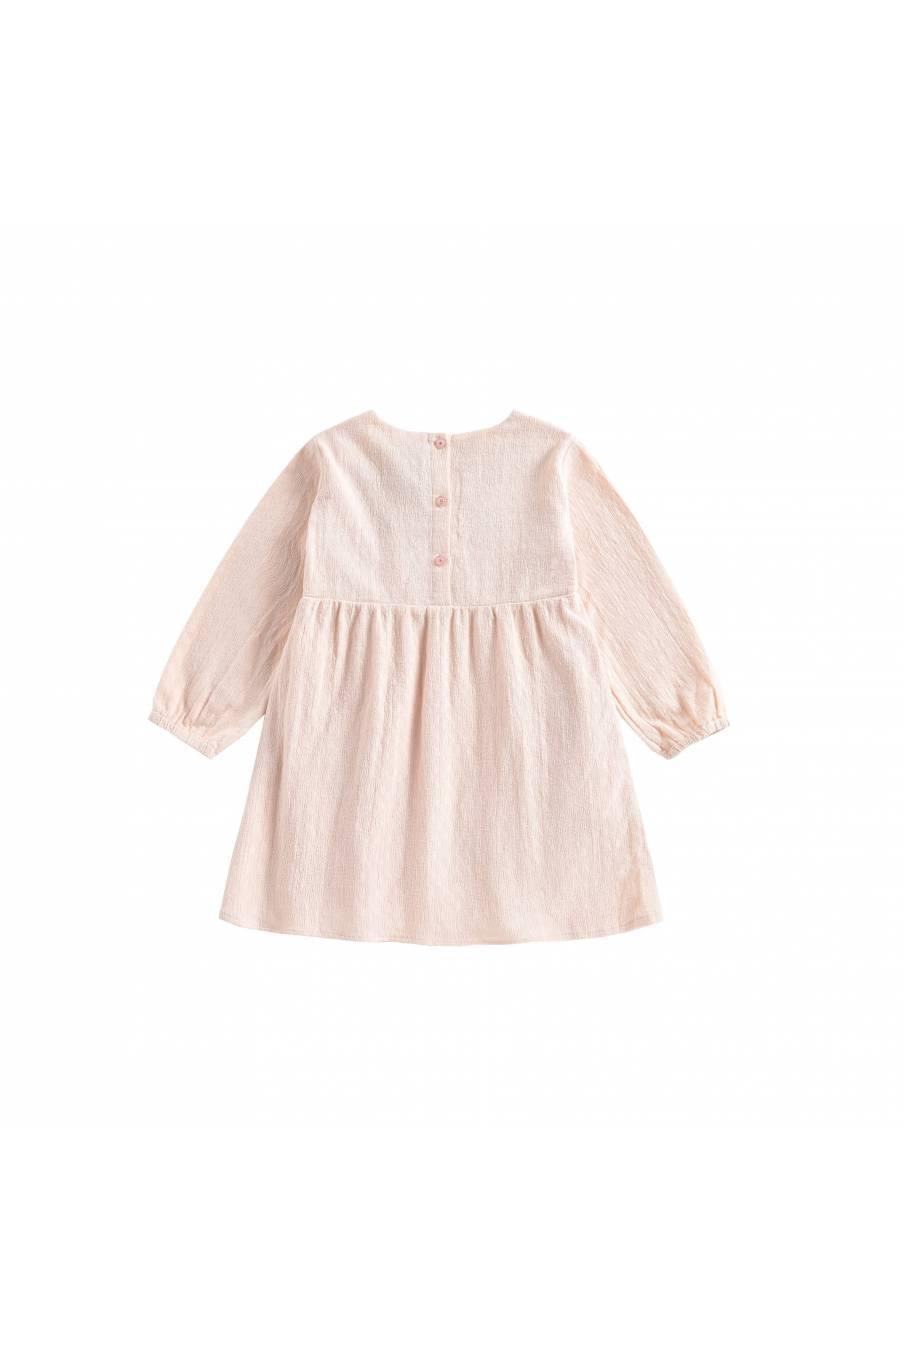 boheme chic vintage robe bébé fille sannali blush